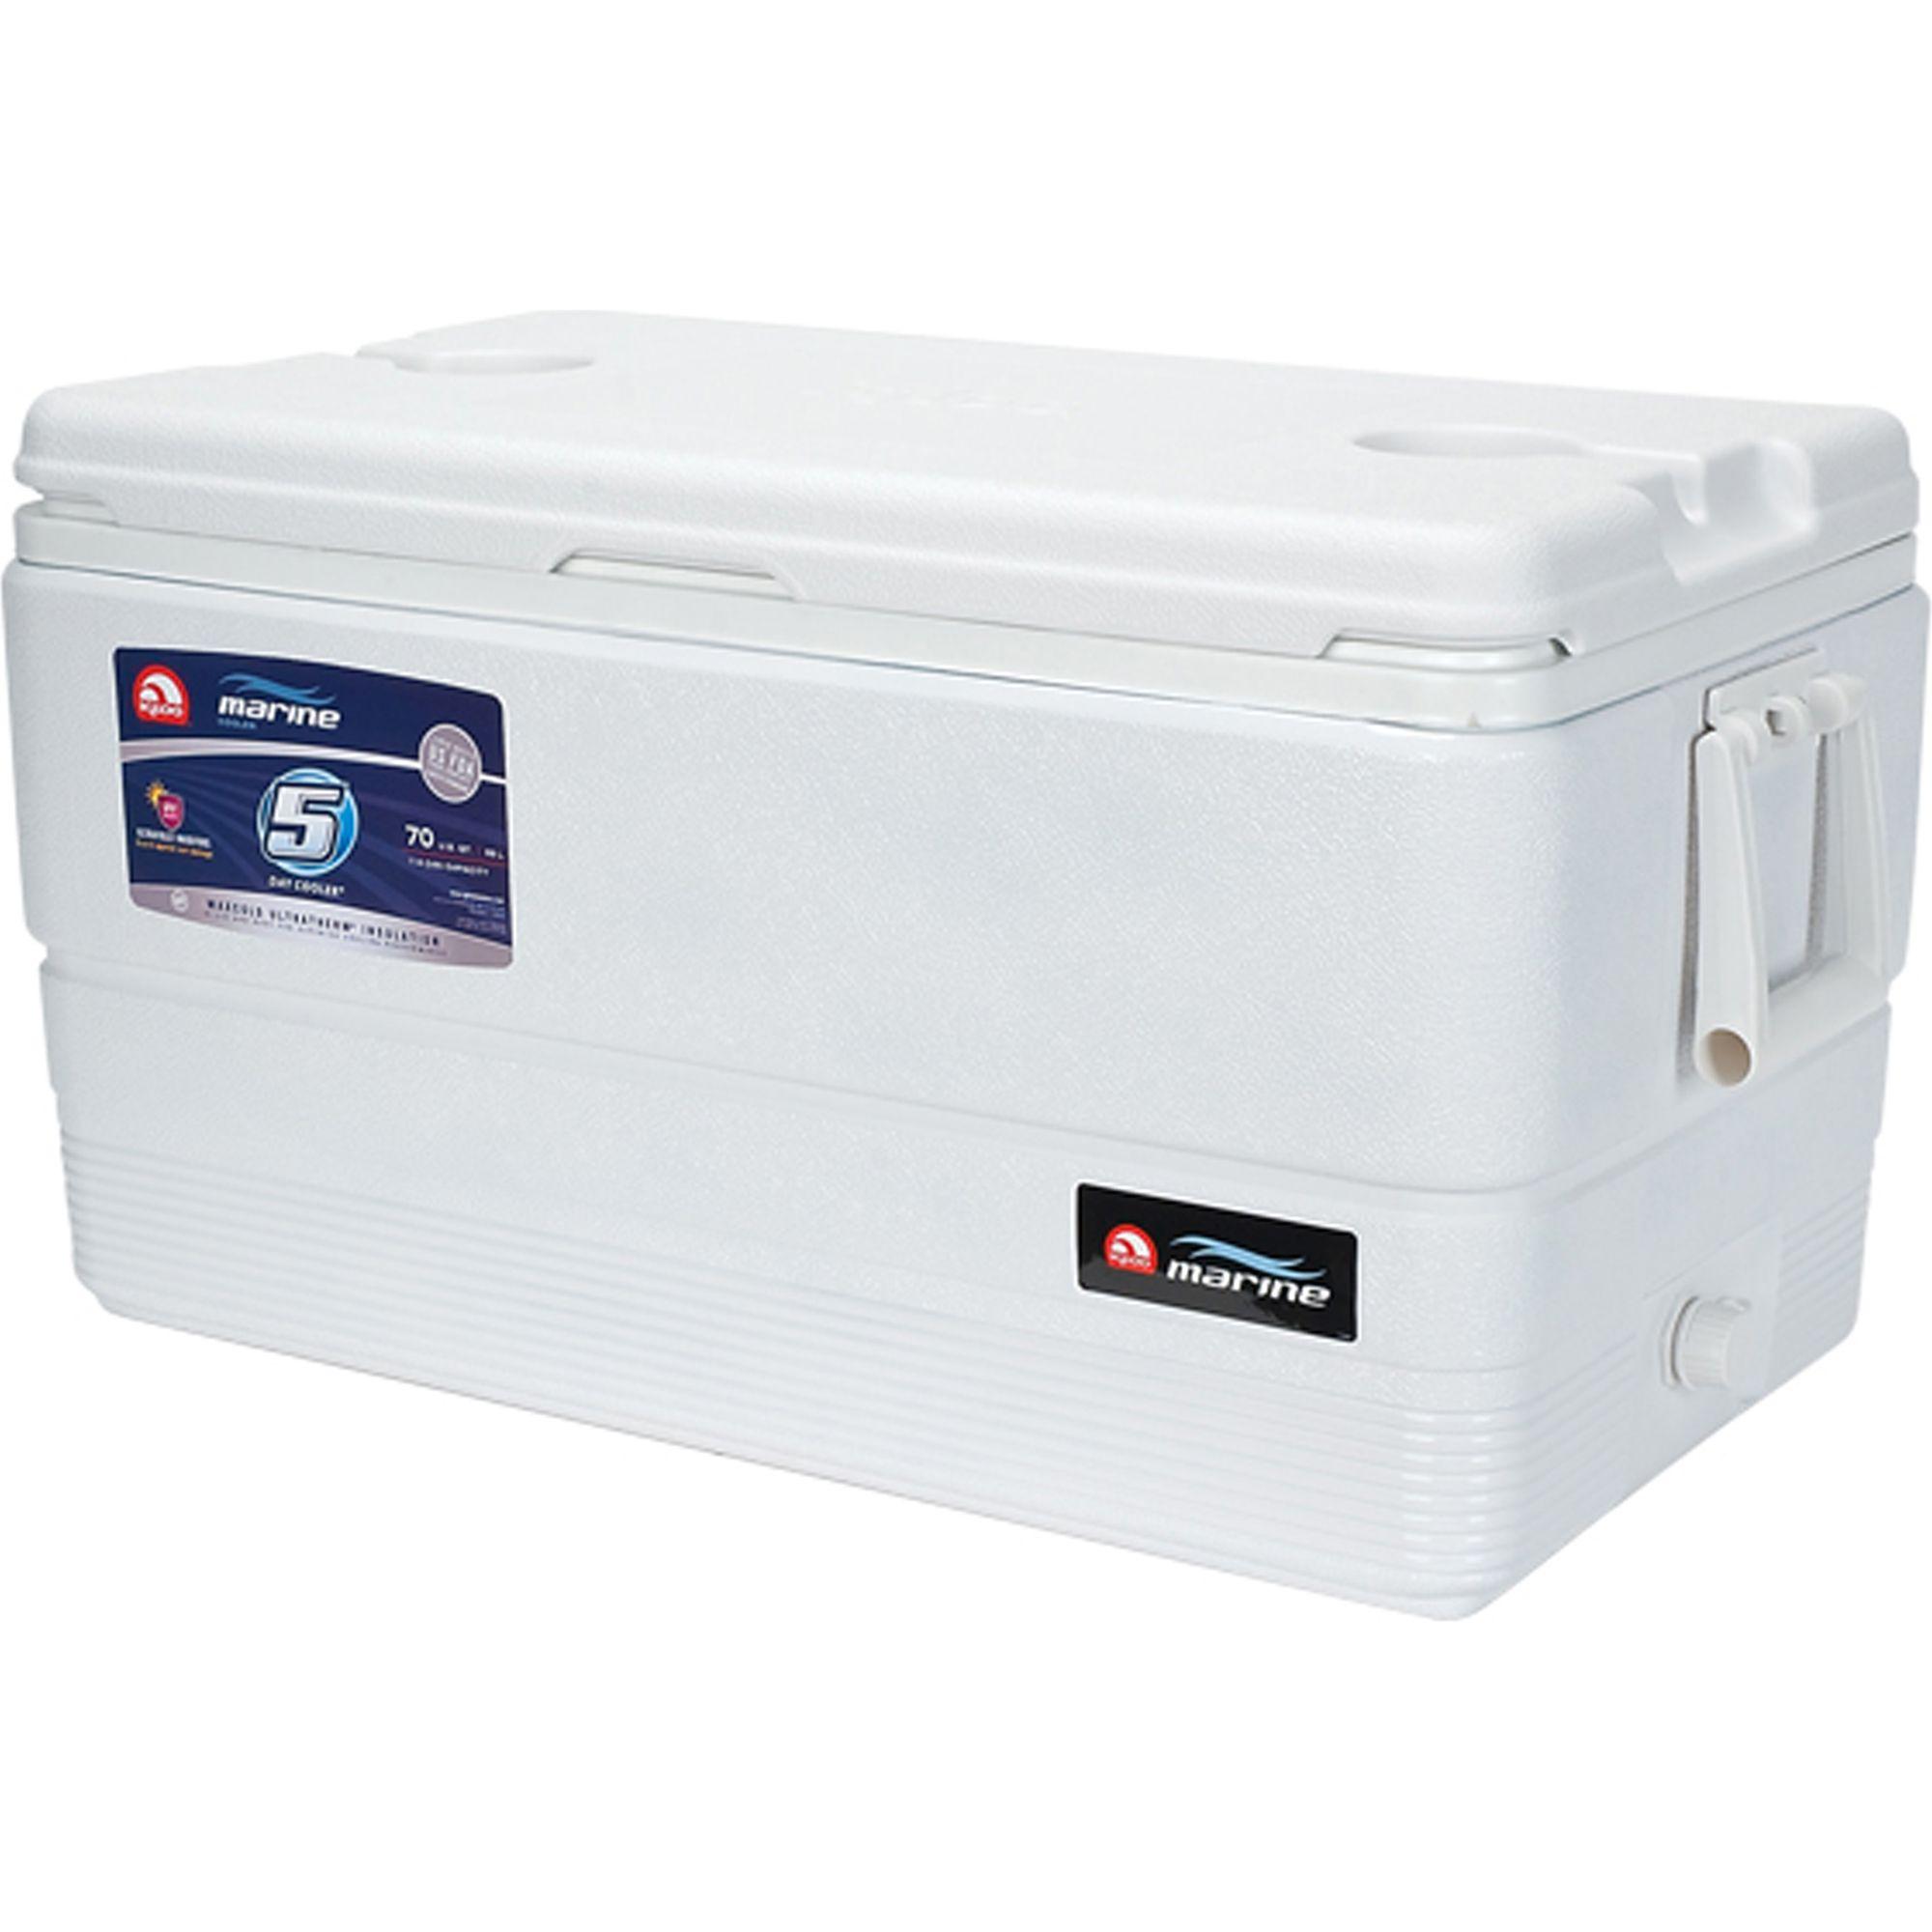 Igloo 70 Quart Marine Cooler